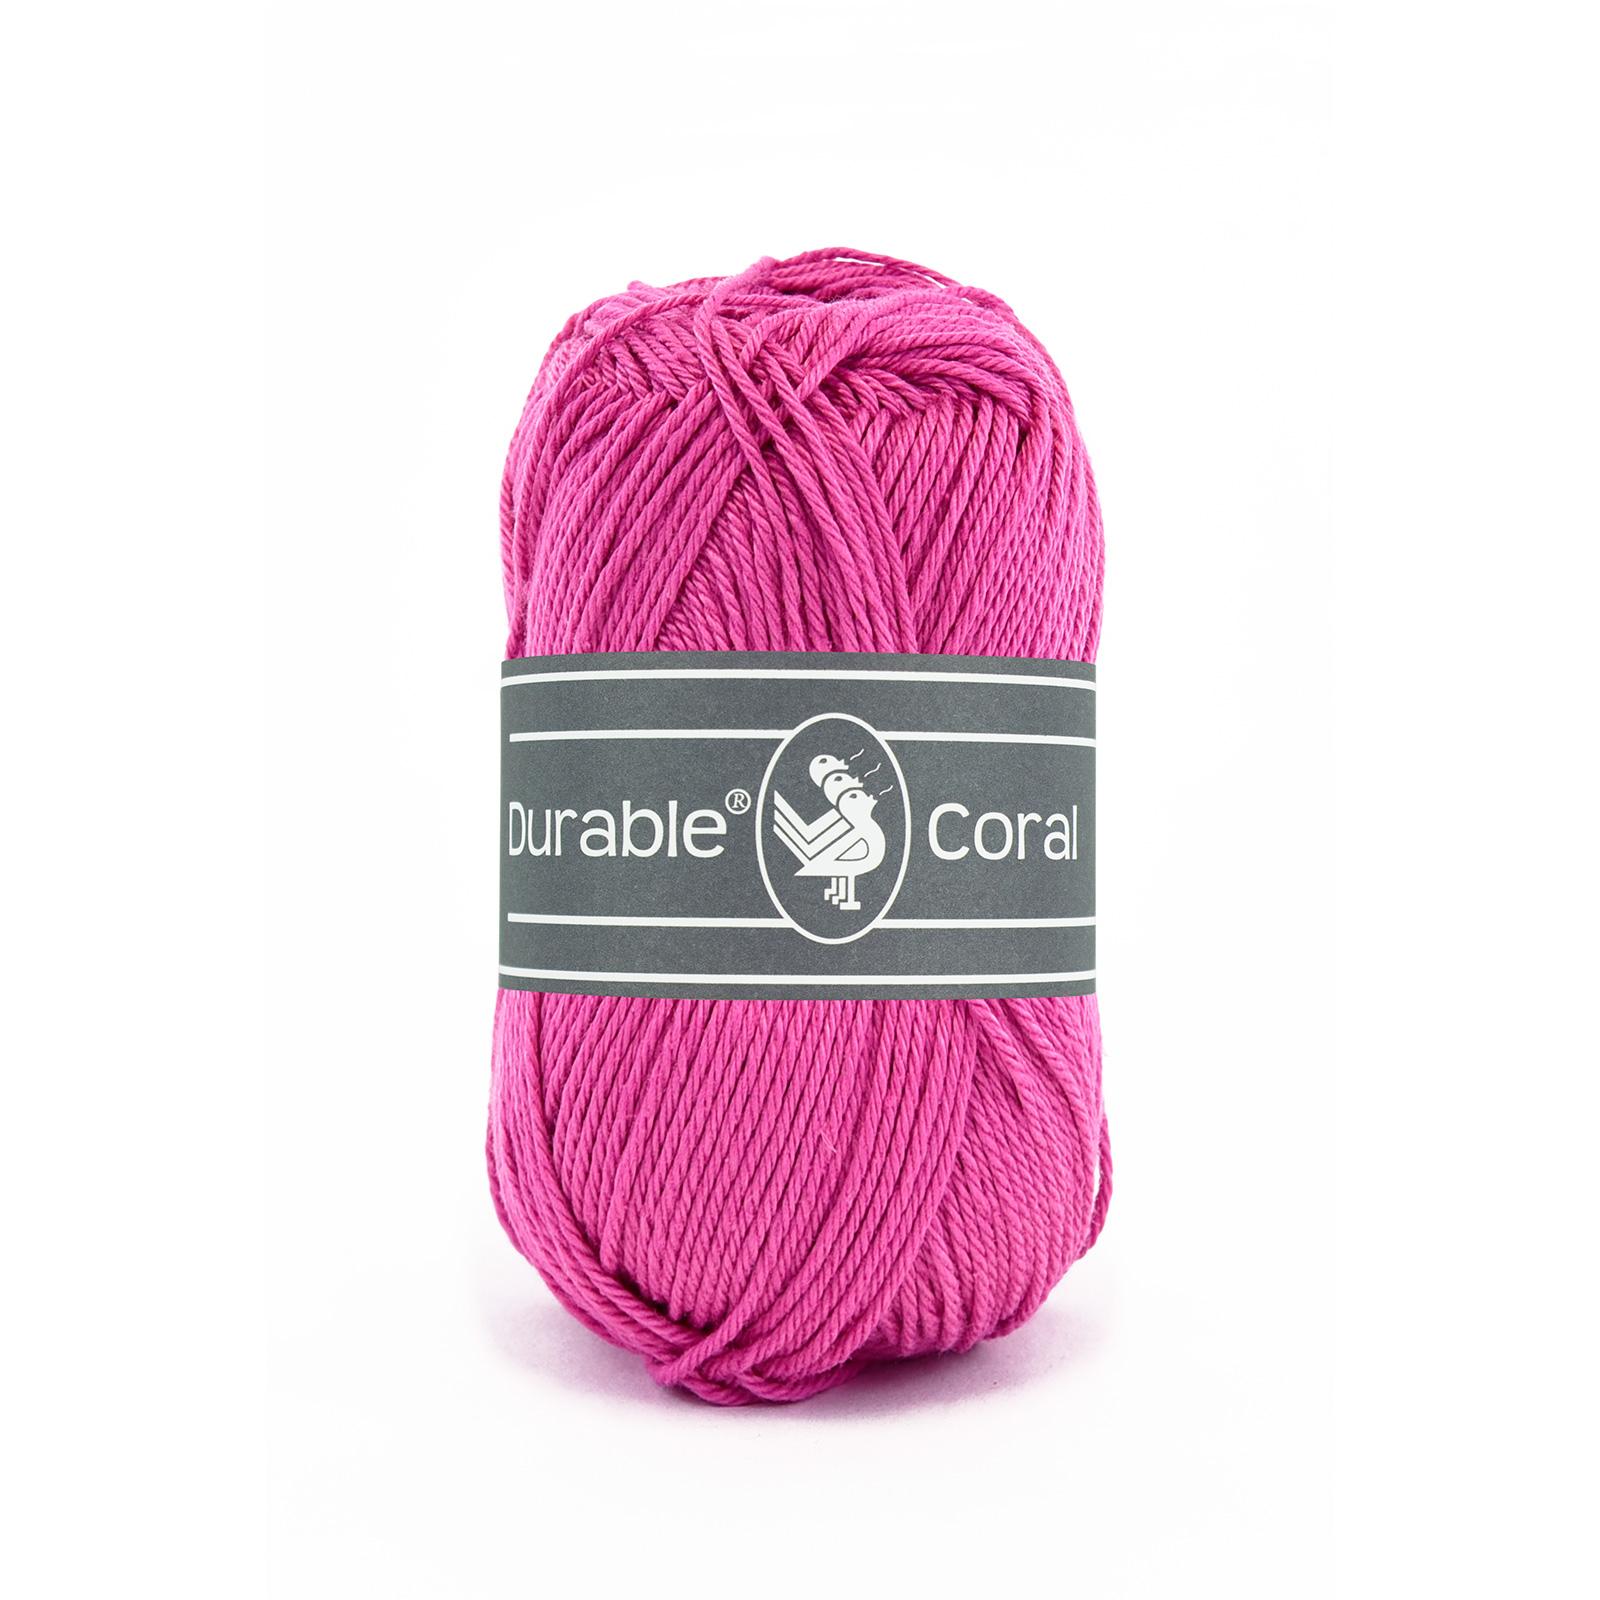 Durable Coral Magenta-241